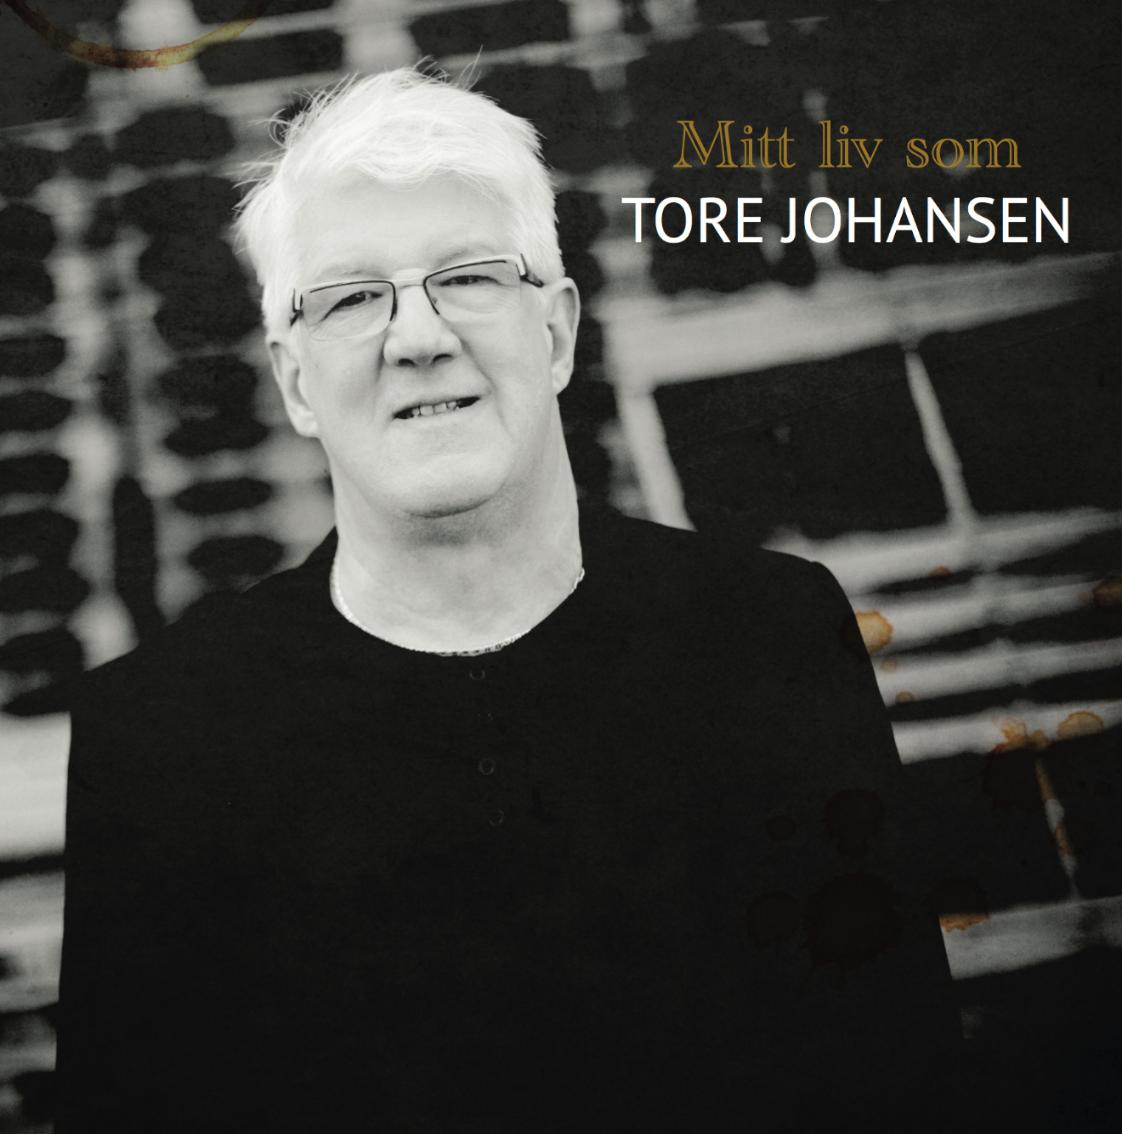 Tore Johansen -  Mitt liv som Tore Johansen    Ronny Kjøsen: musiker (piano, trekkspel, trøorgel, indisk harmonika)   Her kan du høre Tore Johansen på spotify